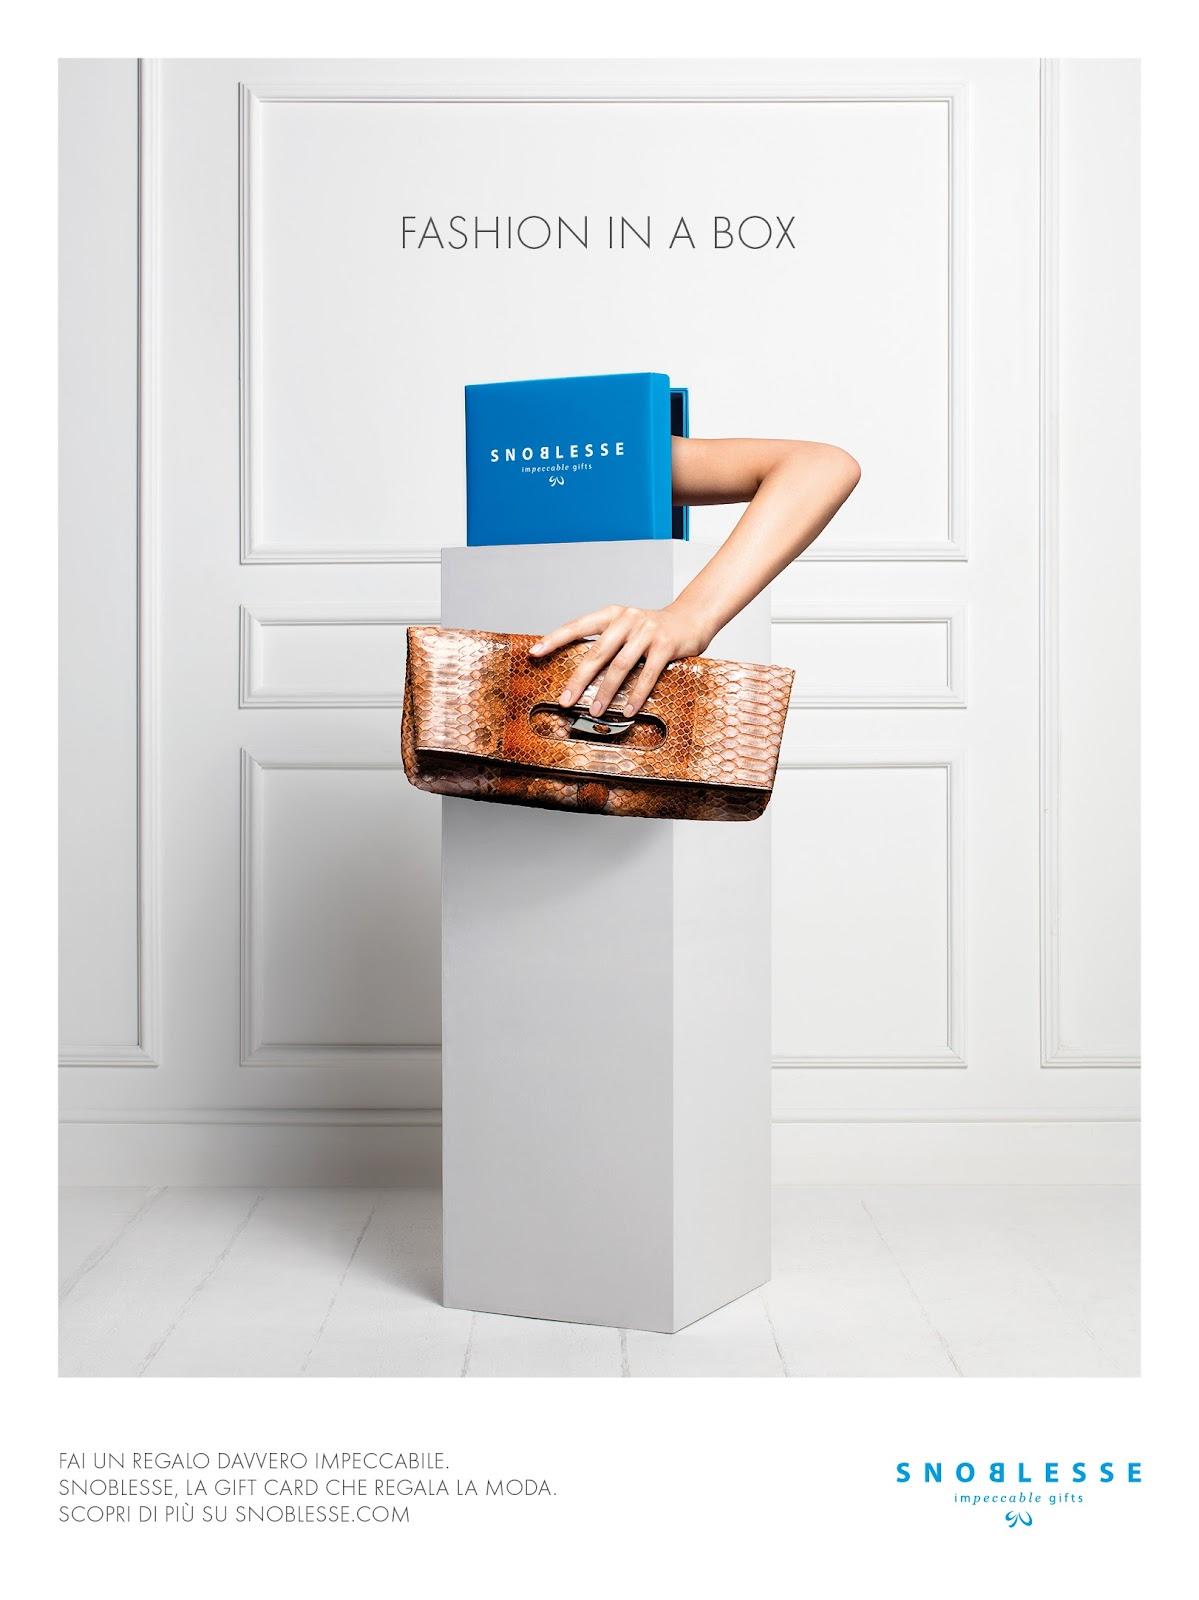 snoblesse gift card carta regalo idee donna per lei fashion moda trend present